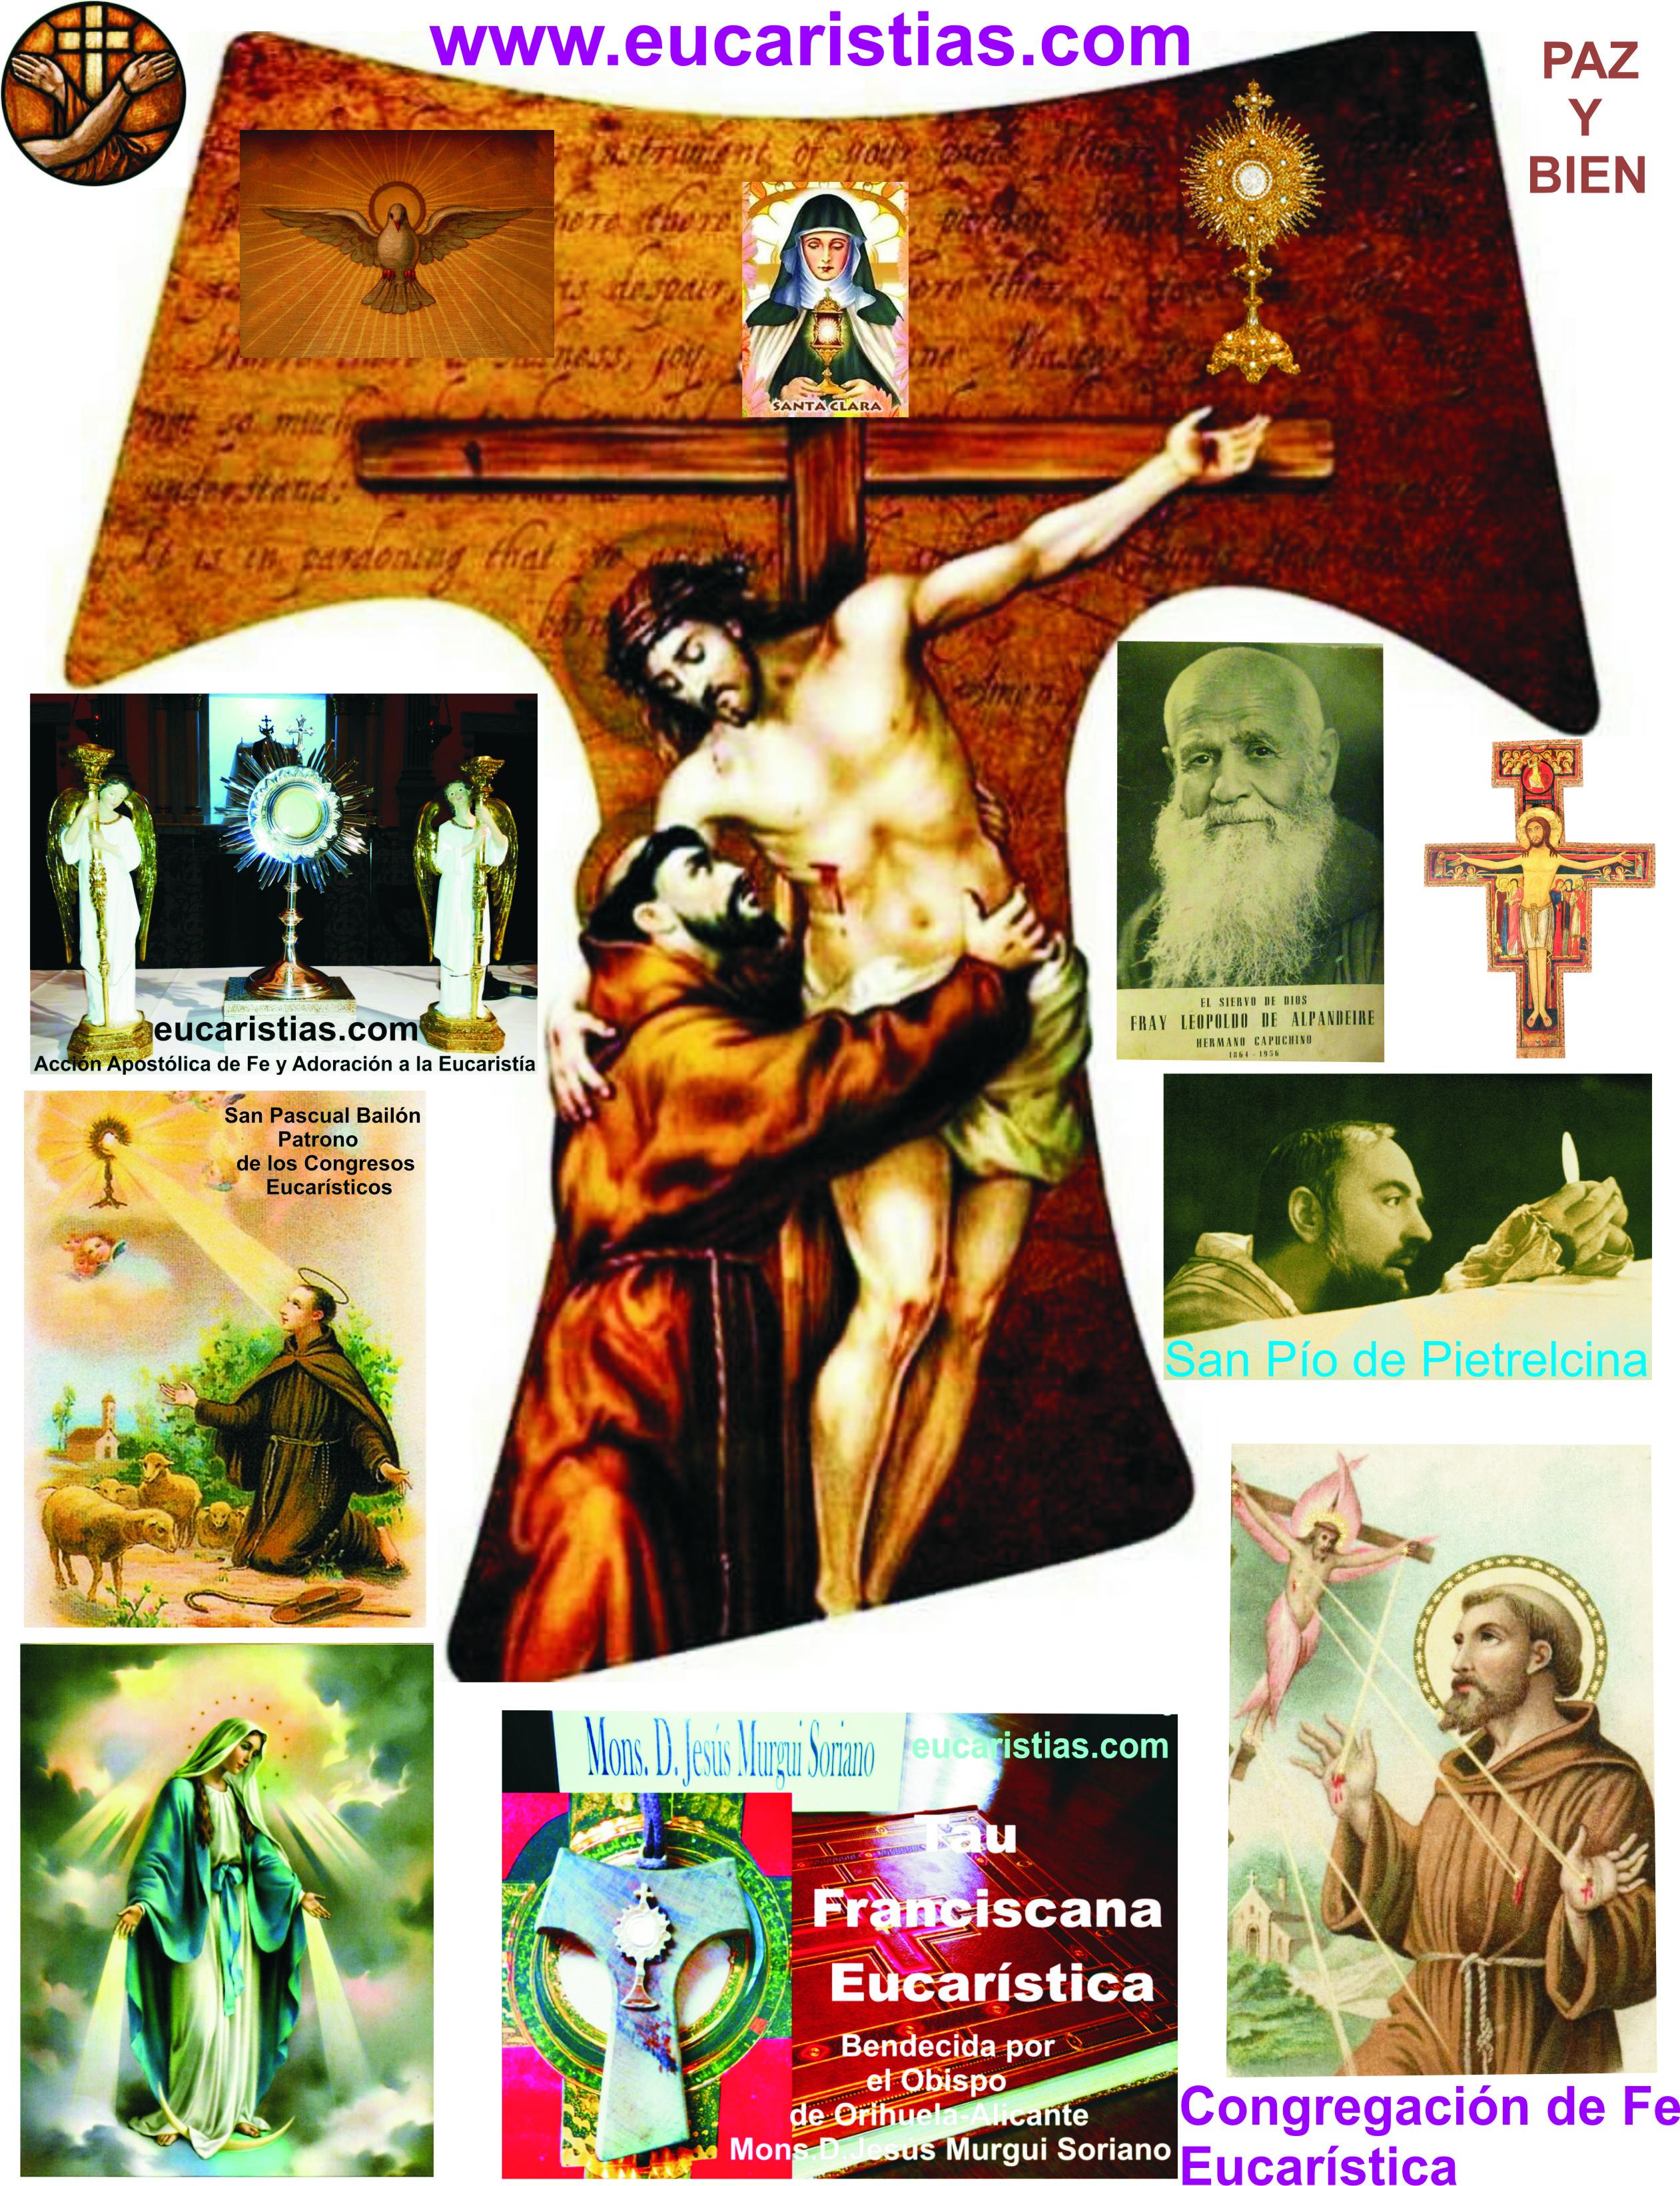 congregaciondefeeucaristica